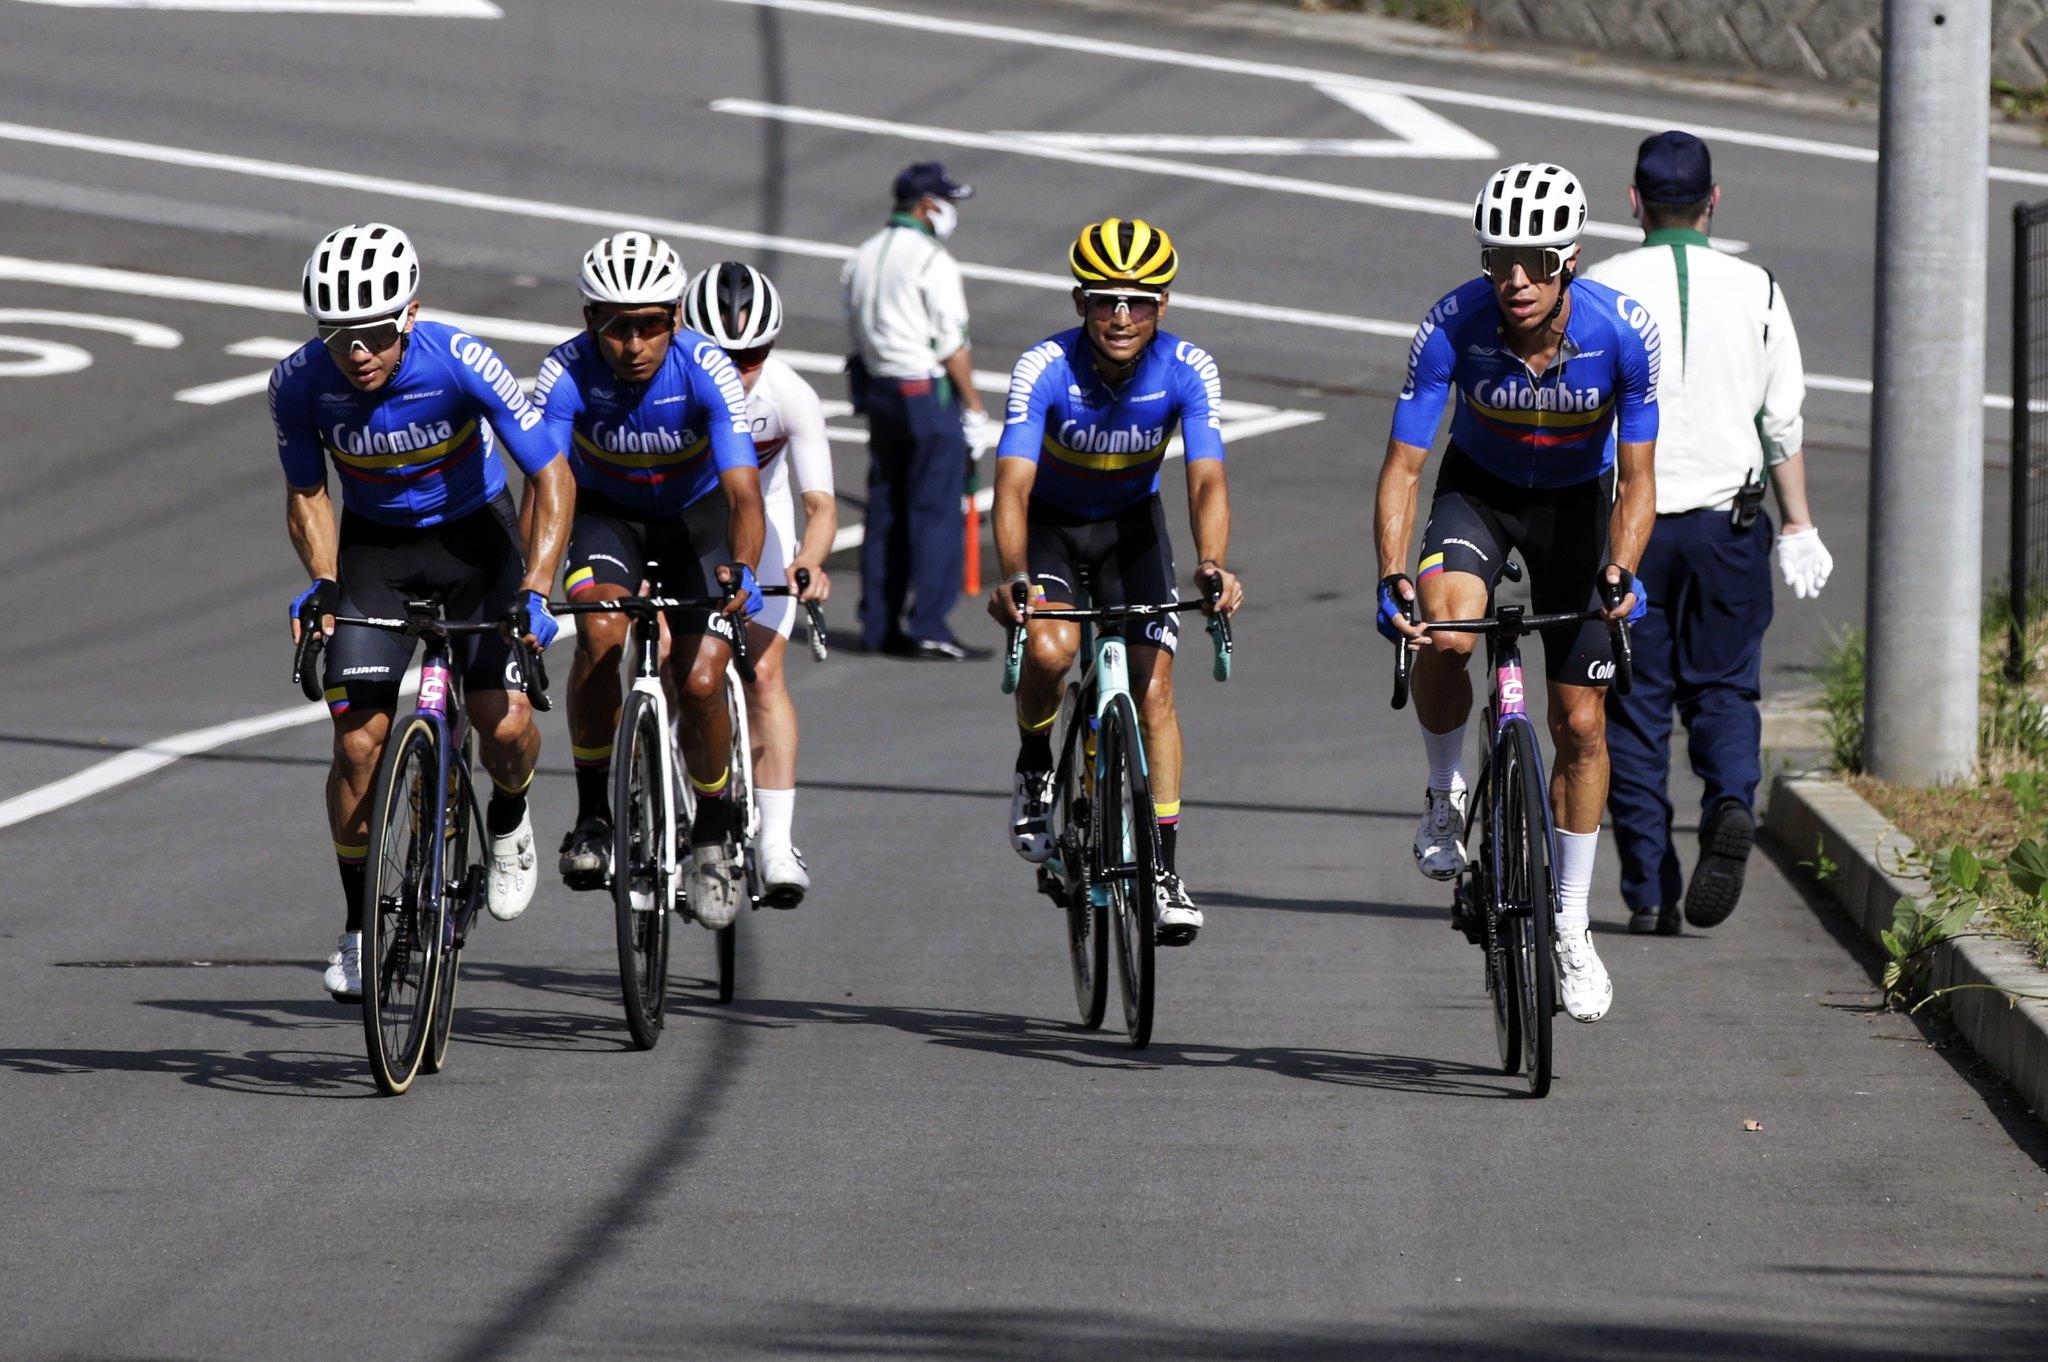 Horarios de los atletas de Colombia en Tokio | EL FRENTE